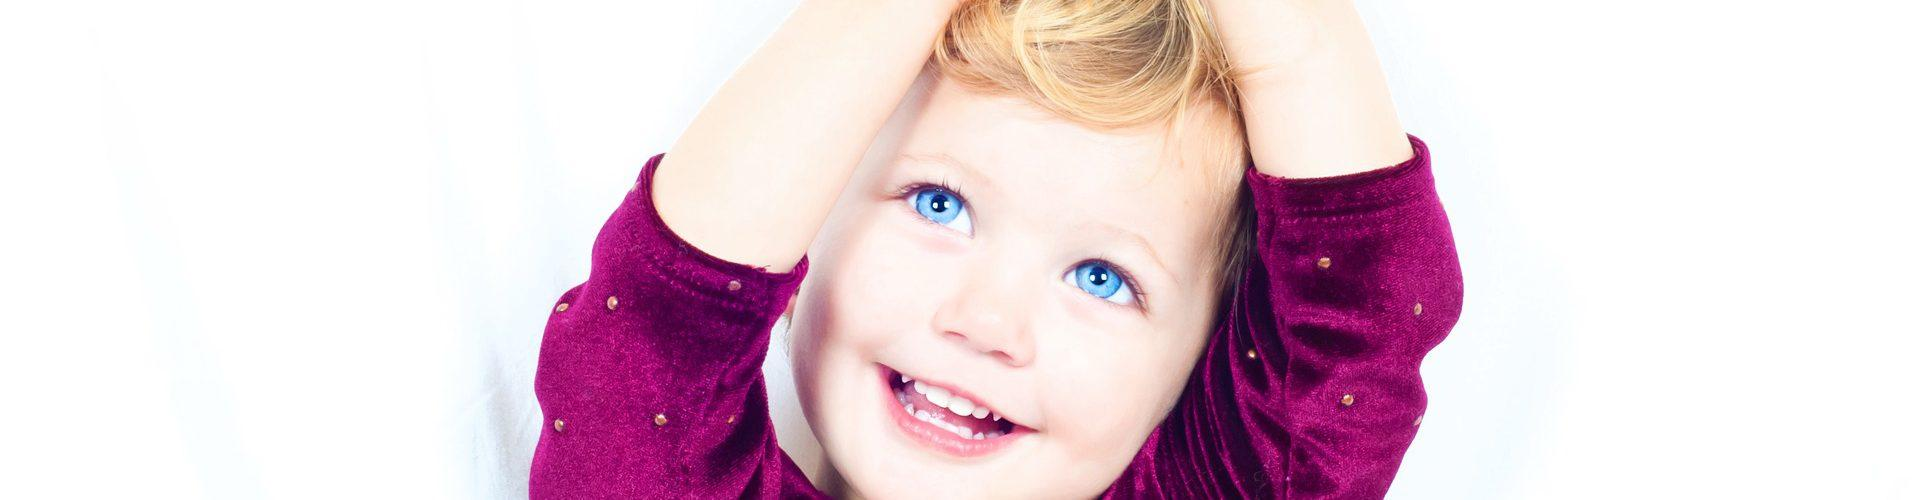 Traitement contre les poux enfants